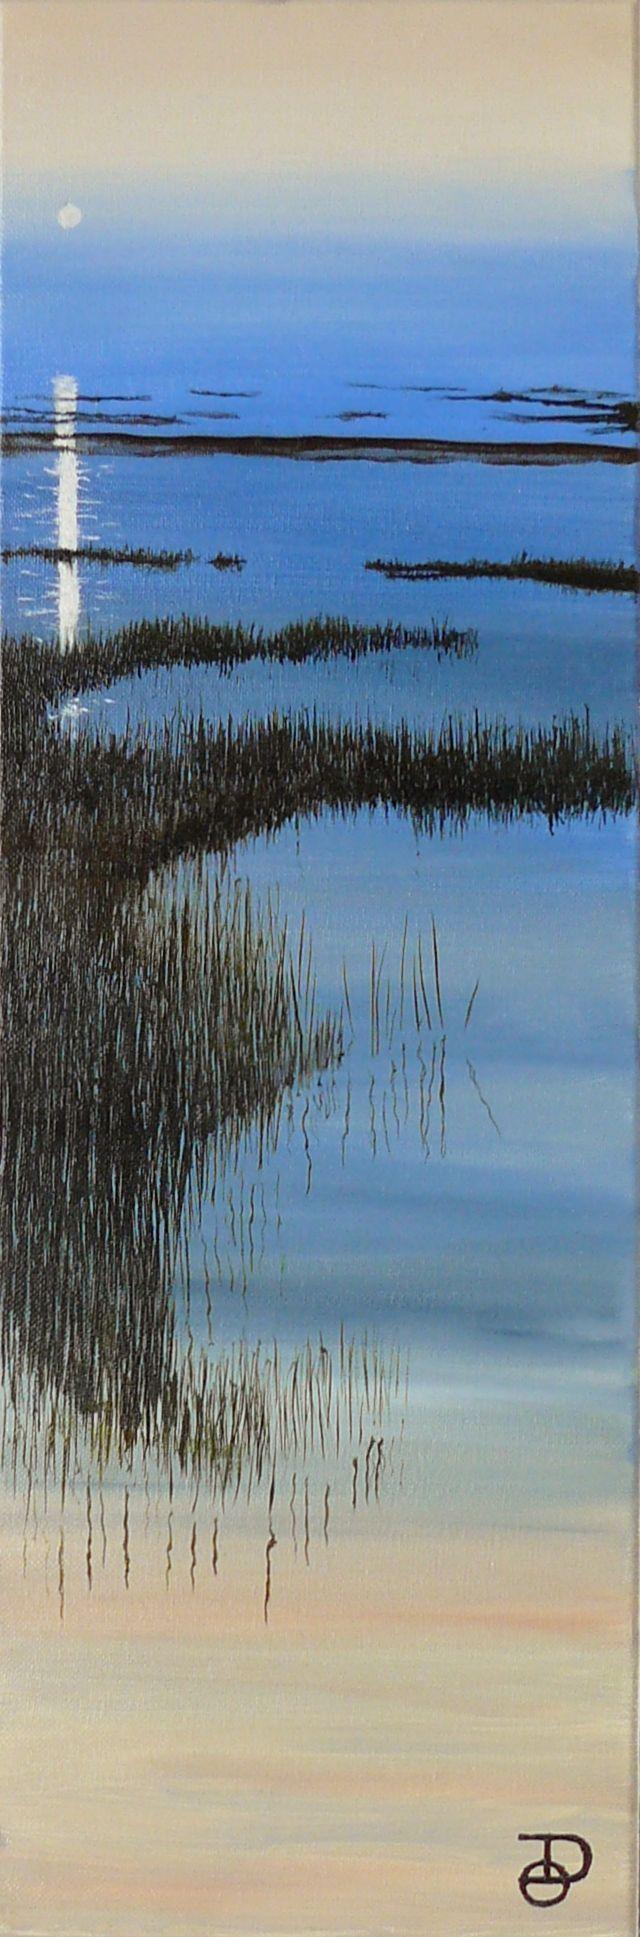 Baie ( St Brieuc ), peinture à l'huile 20X60 cm de Olivier Defay